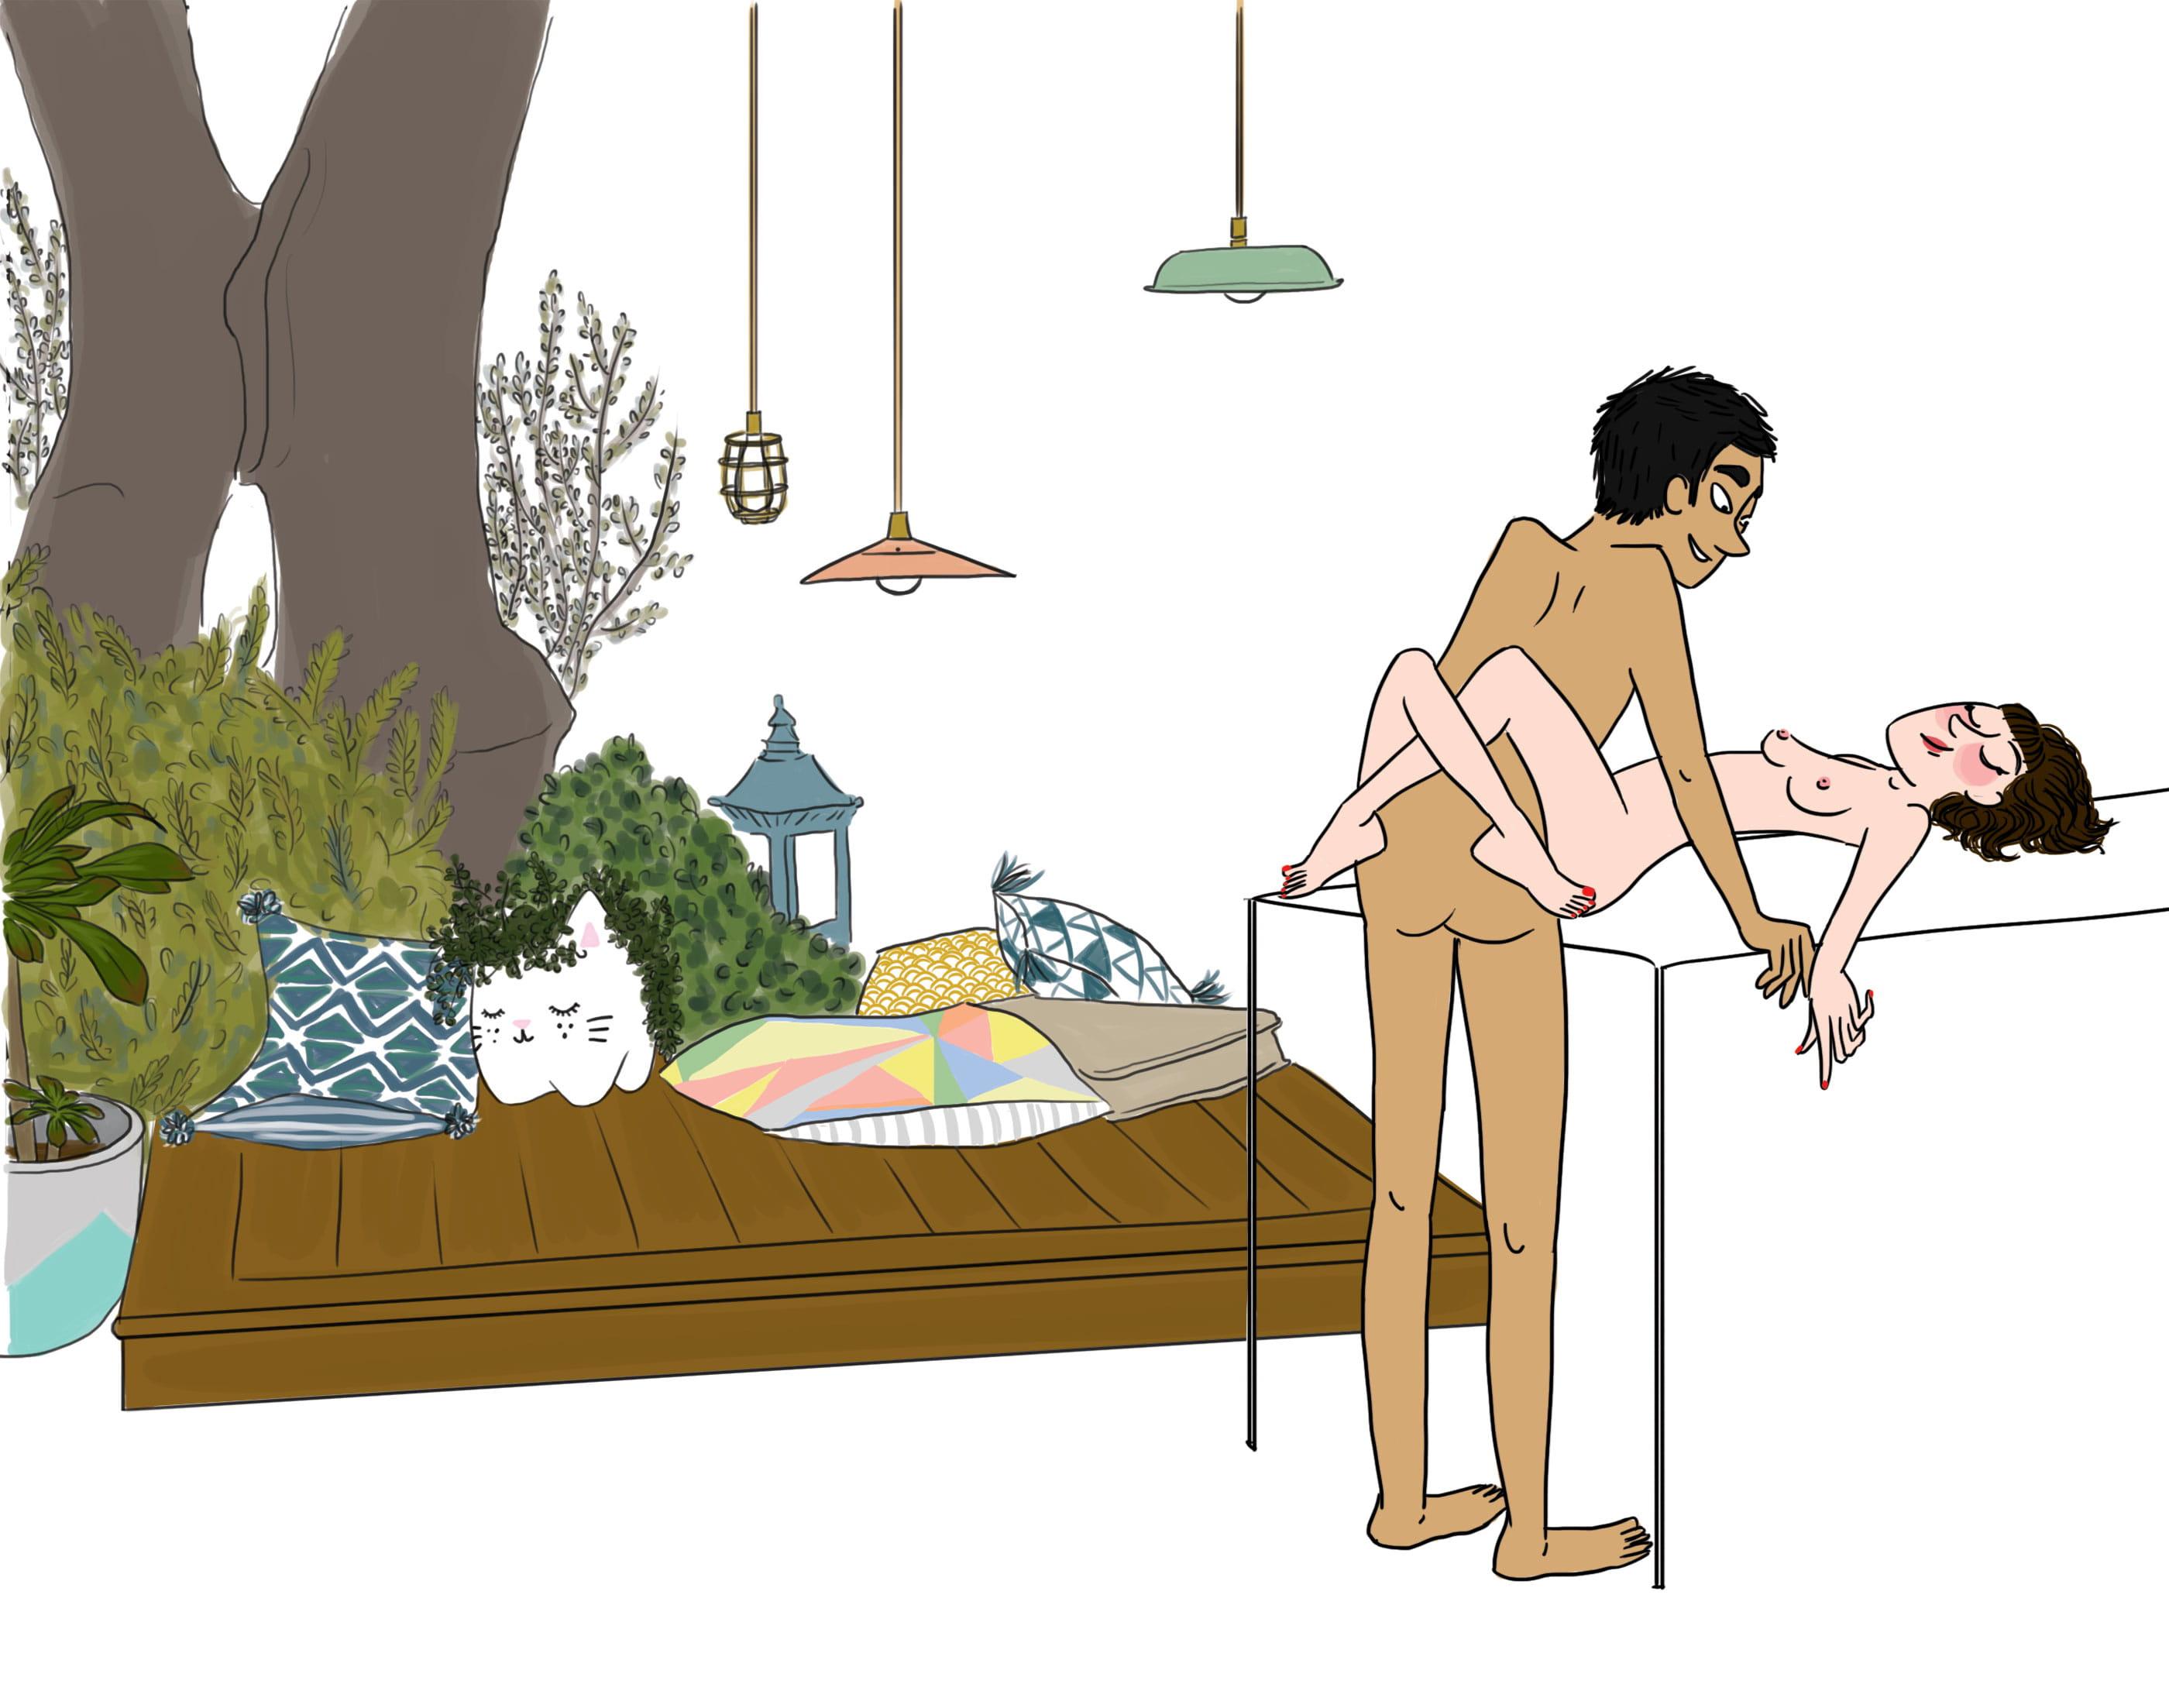 Histoire erotique : BIEN BAISEE SUR LA TABLE